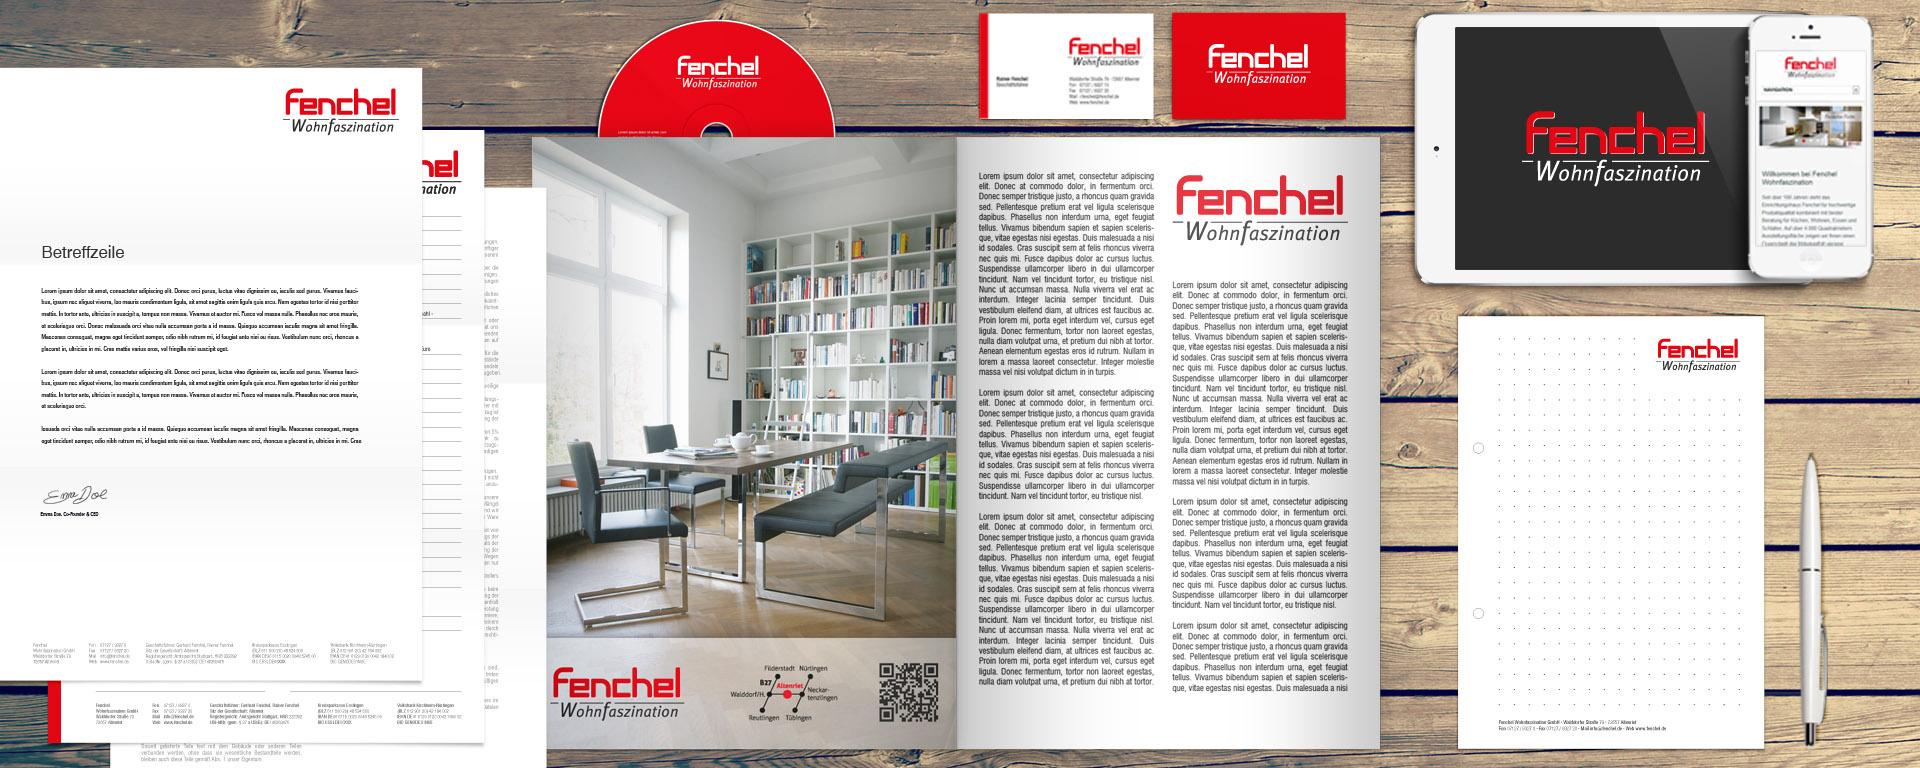 fenchel metatop media. Black Bedroom Furniture Sets. Home Design Ideas